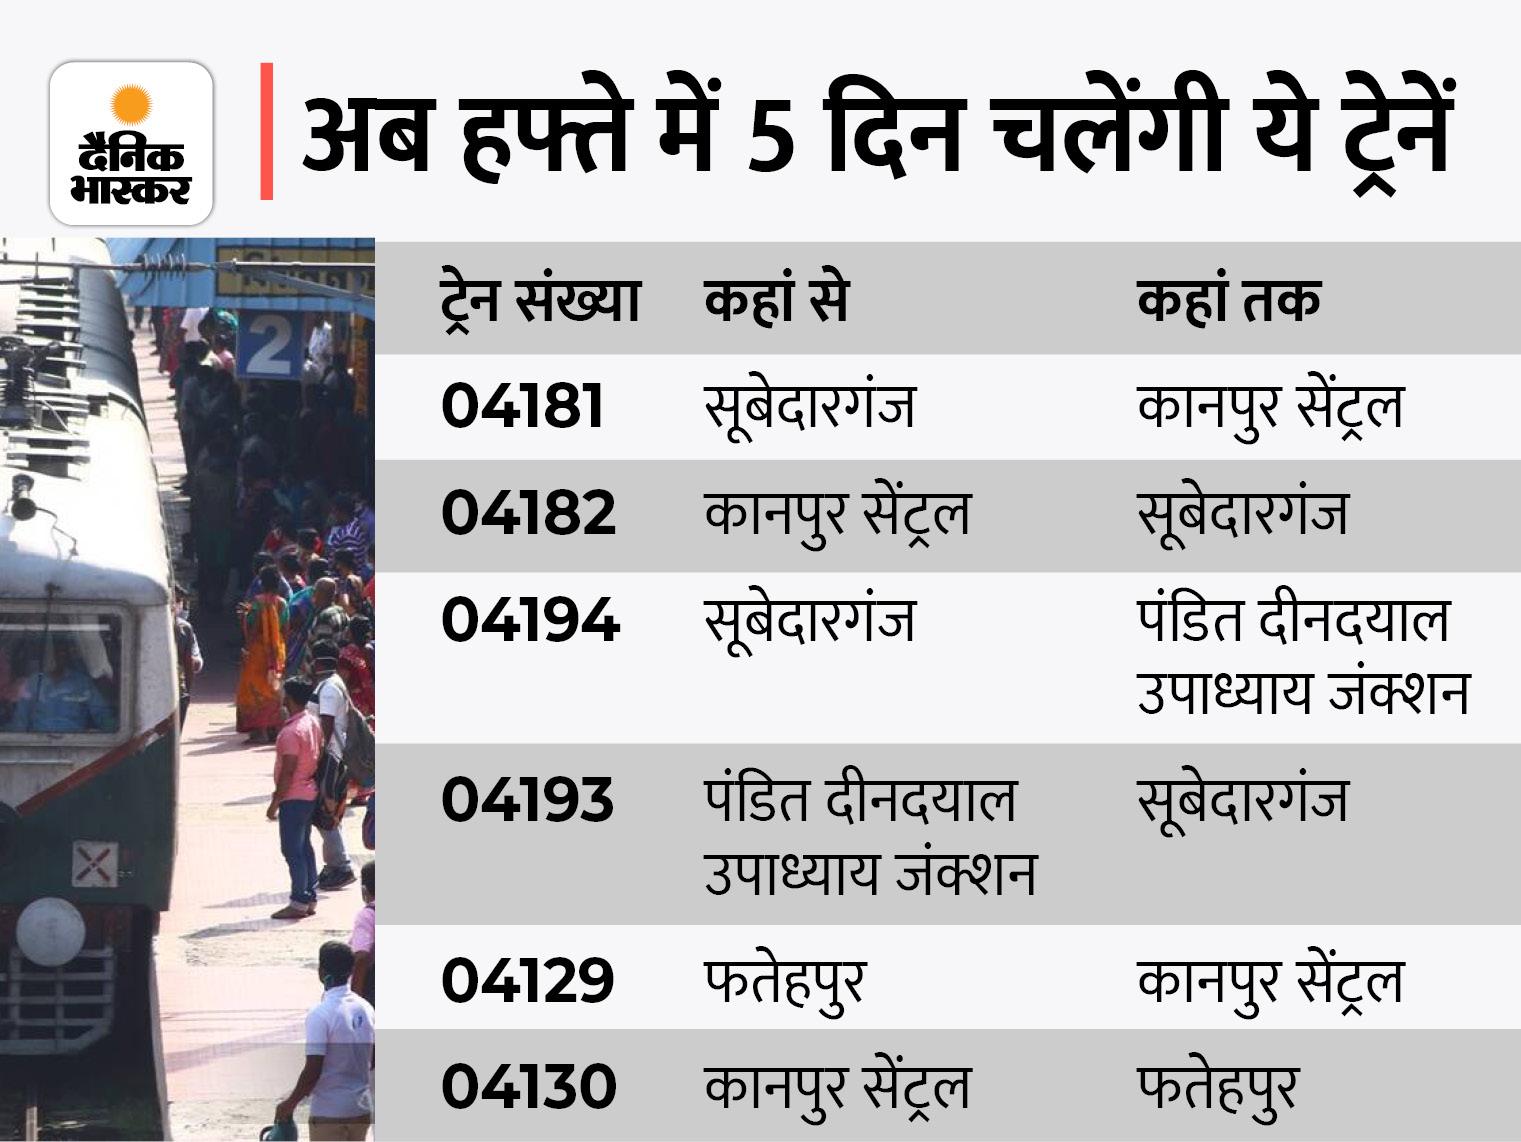 सूबेदारगंज से कानपुर और DDU जंक्शन के बीच चलने वाली अप-डाउन की 6 मेमो ट्रेन शनिवार-रविवार को नहीं चलेंगी|कानपुर,Kanpur - Dainik Bhaskar